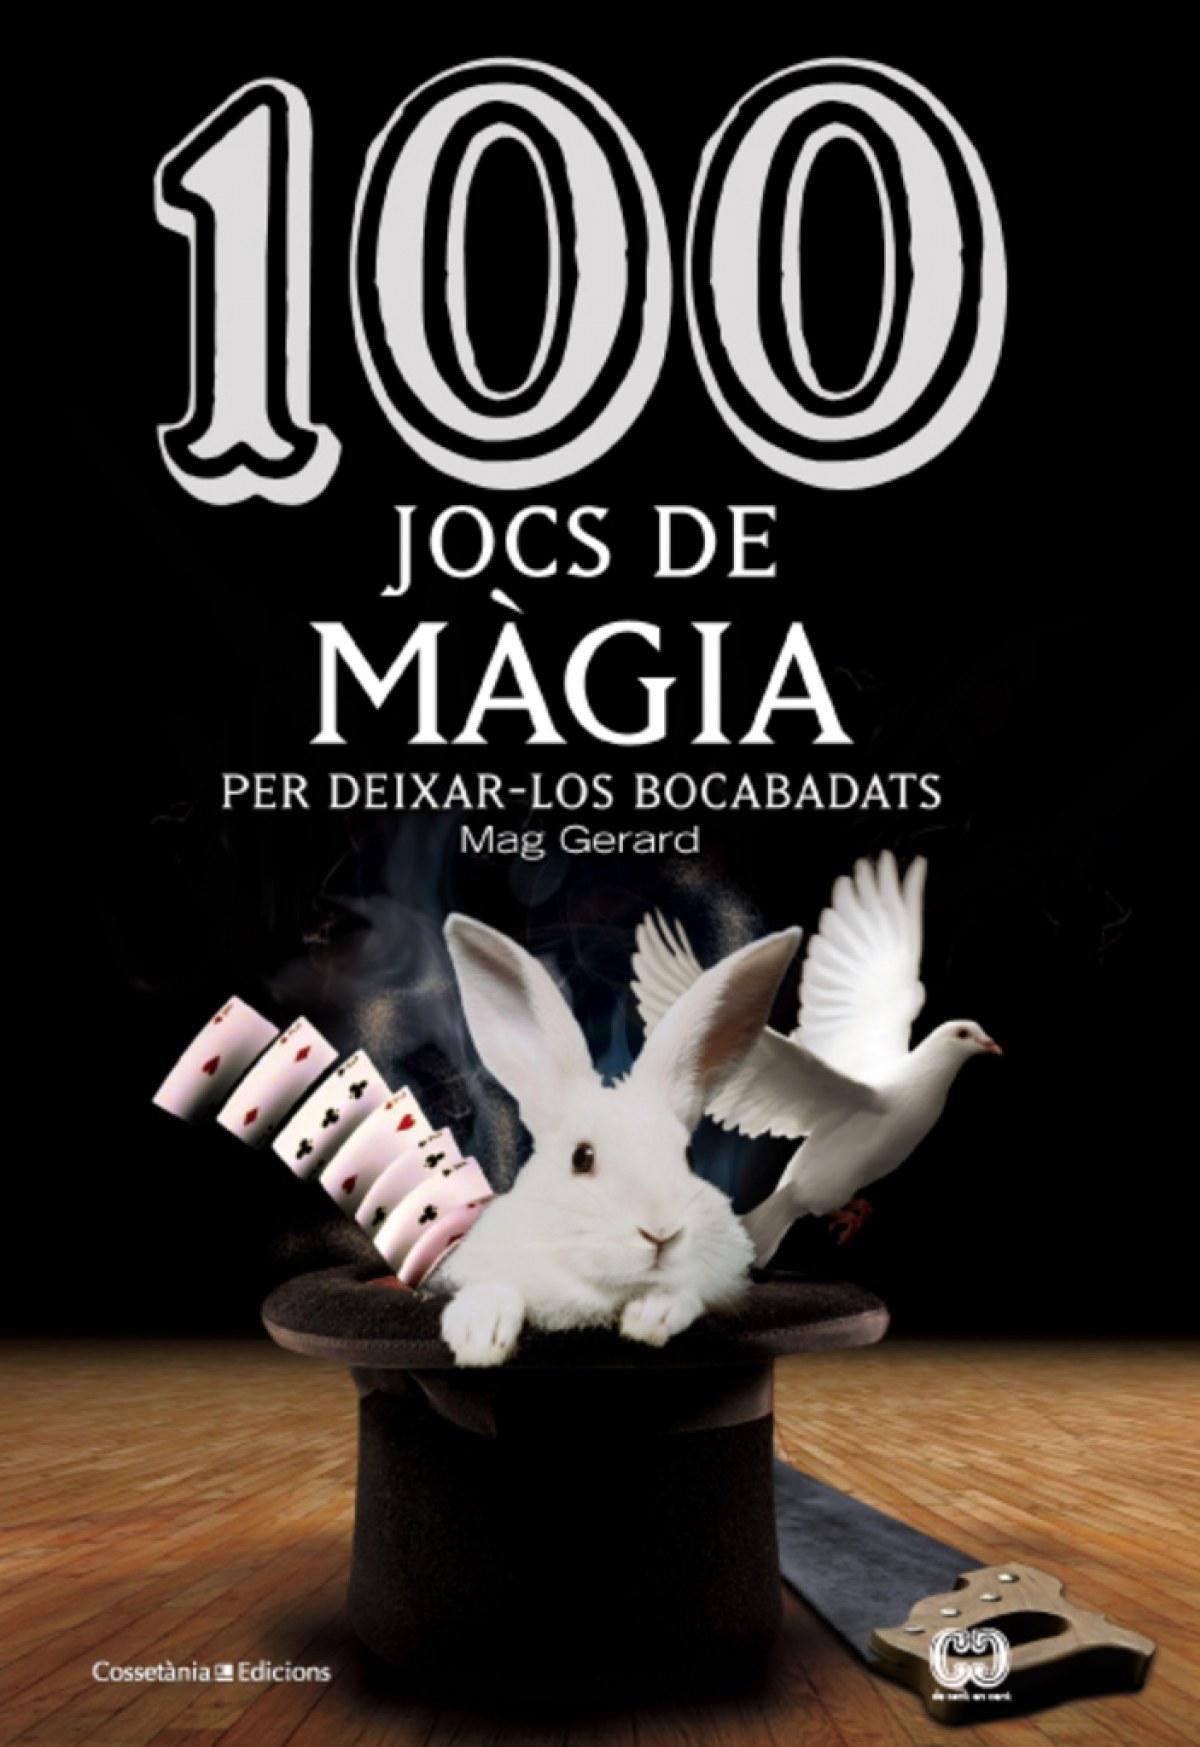 100 jocs de màgia per deixar-los bocabadats 9788490342954